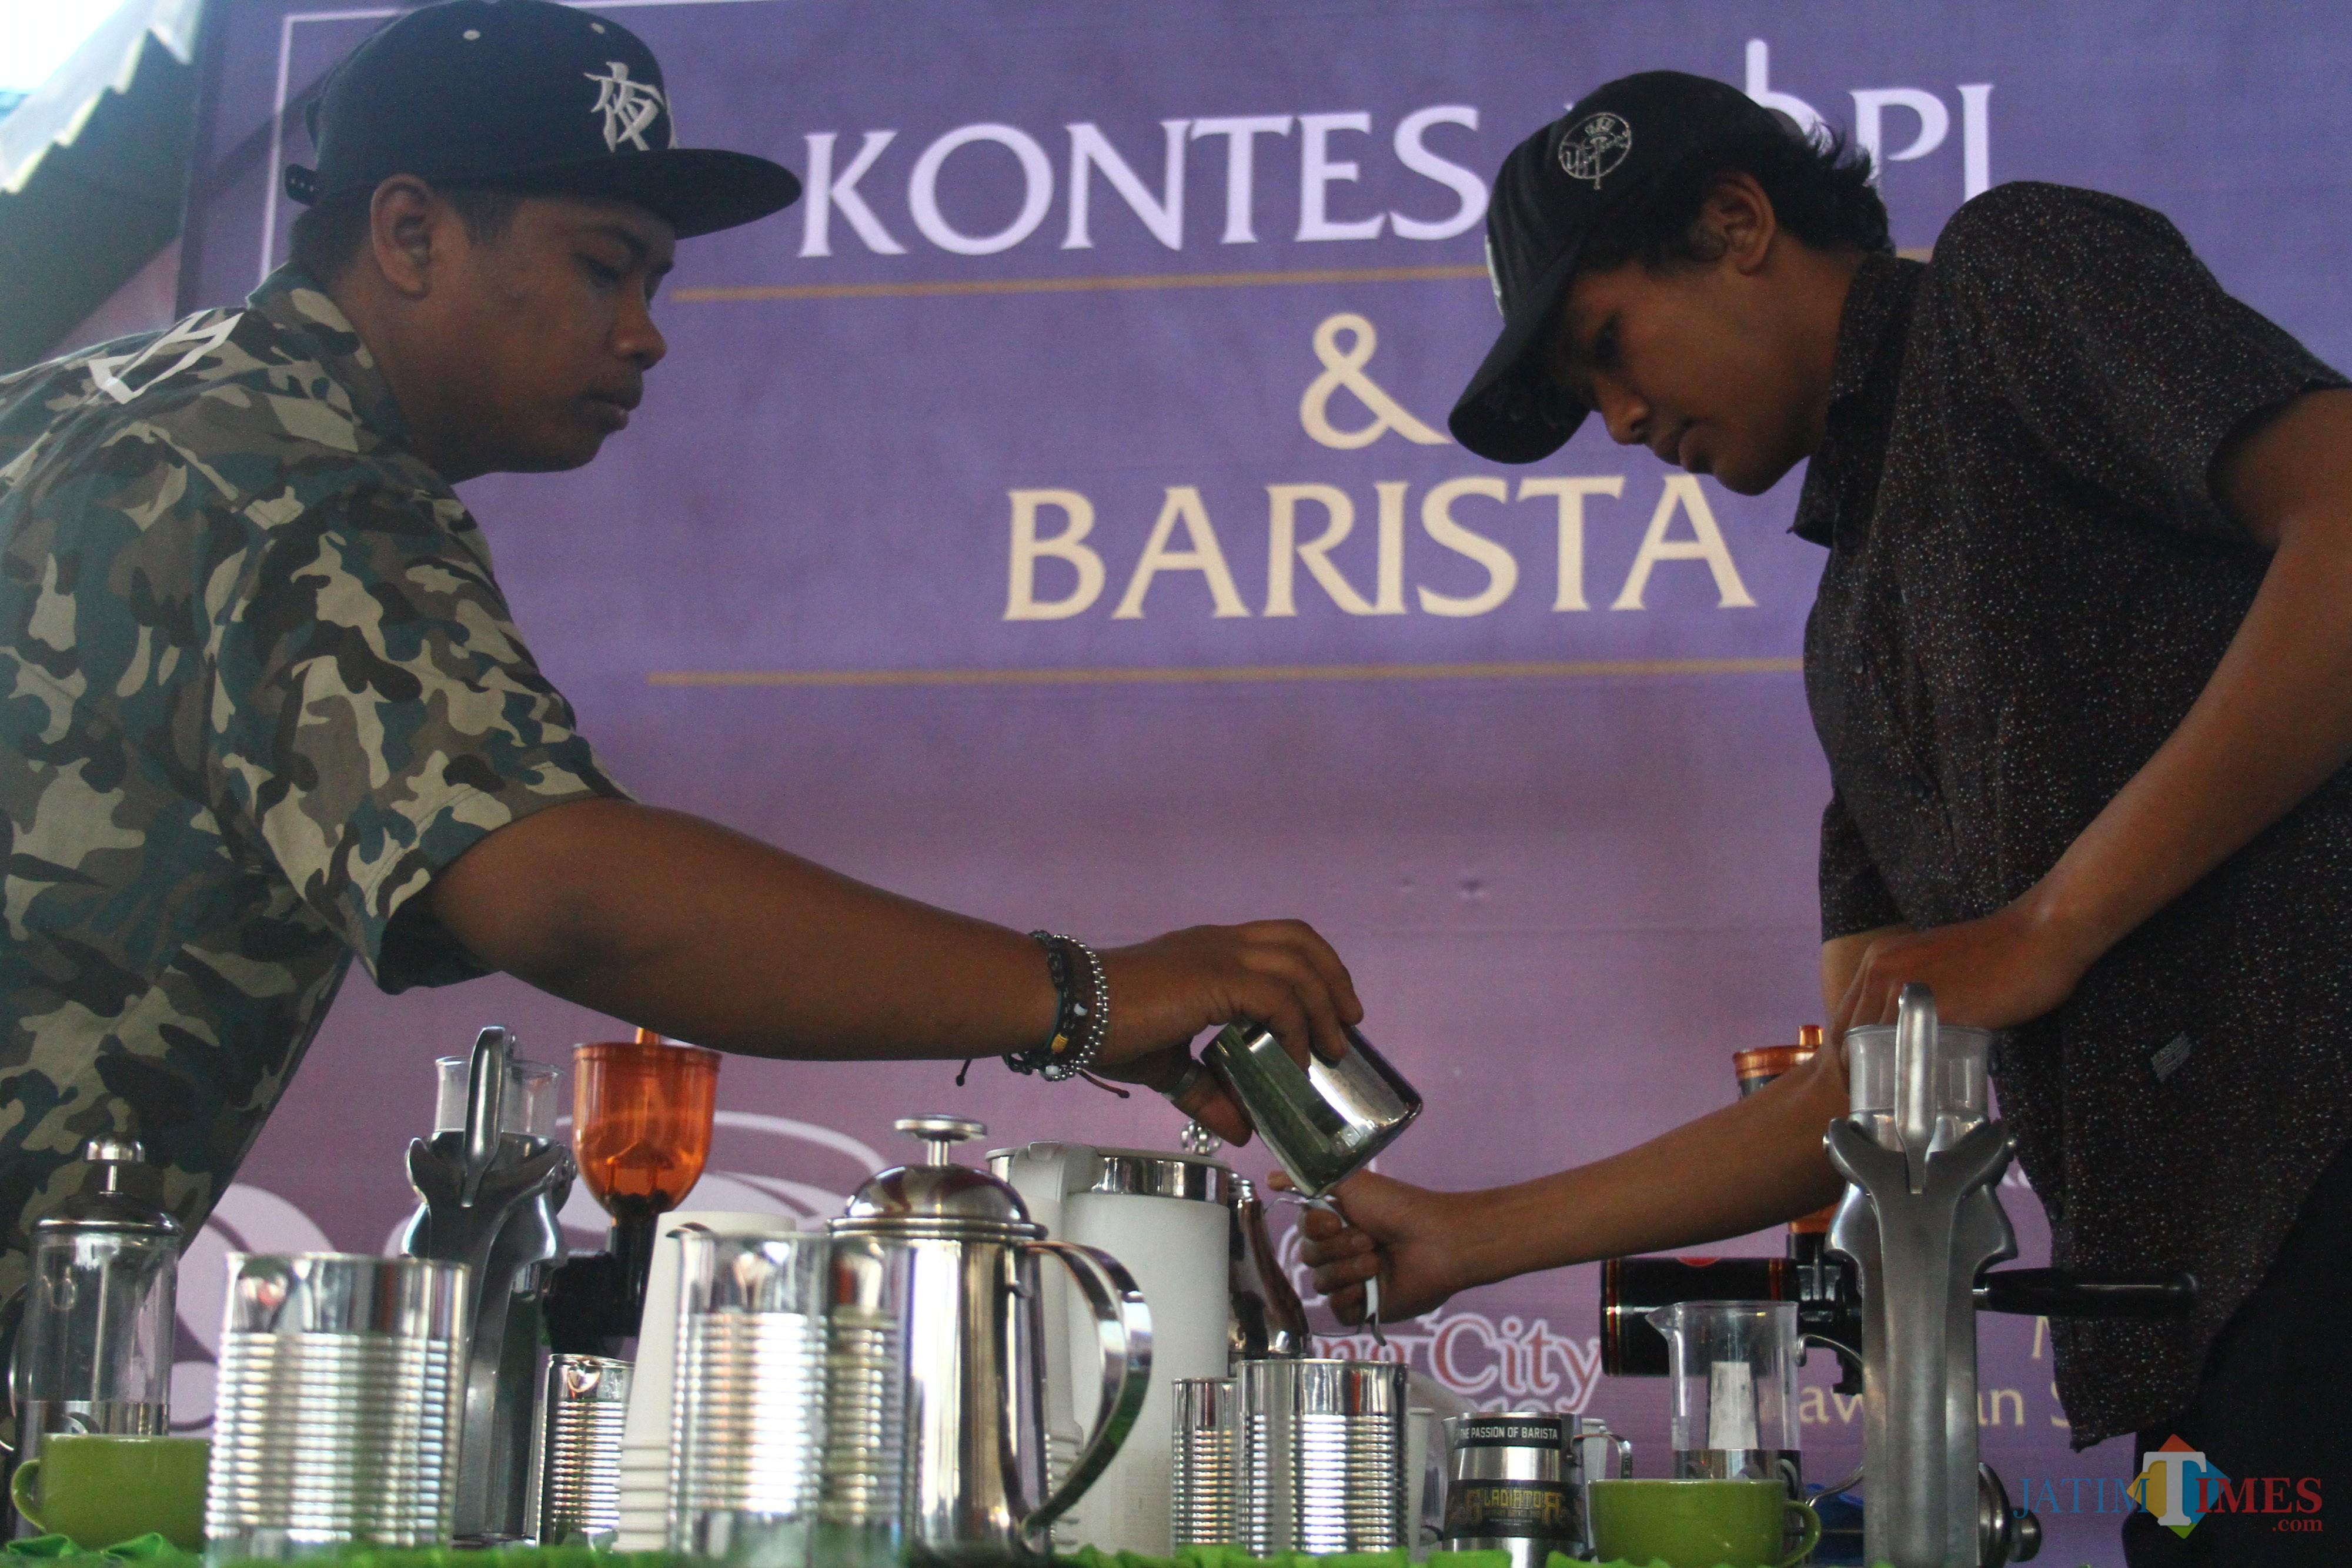 Para peserta Kontes Kopi dan Barista 2019 di Kota Malang tengah beradu membuat latte art. (Foto: Nurlayla Ratri/MalangTIMES)